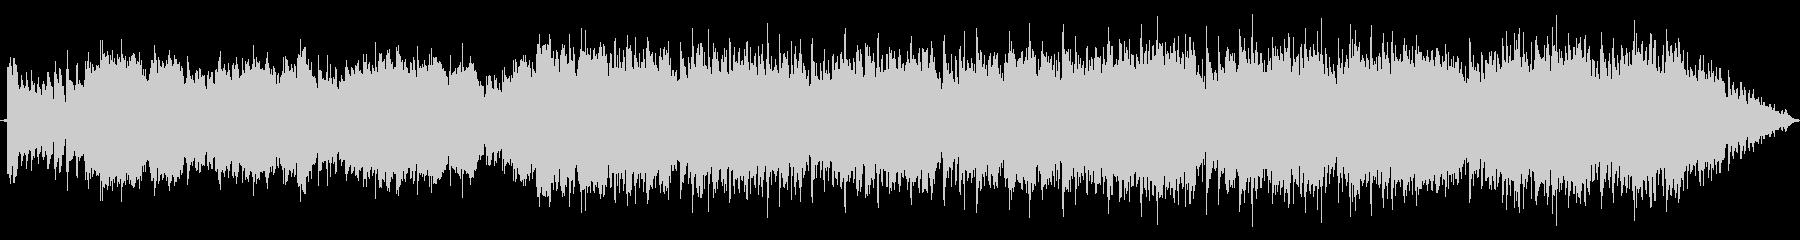 オープニング・かっこいいフラメンコの未再生の波形